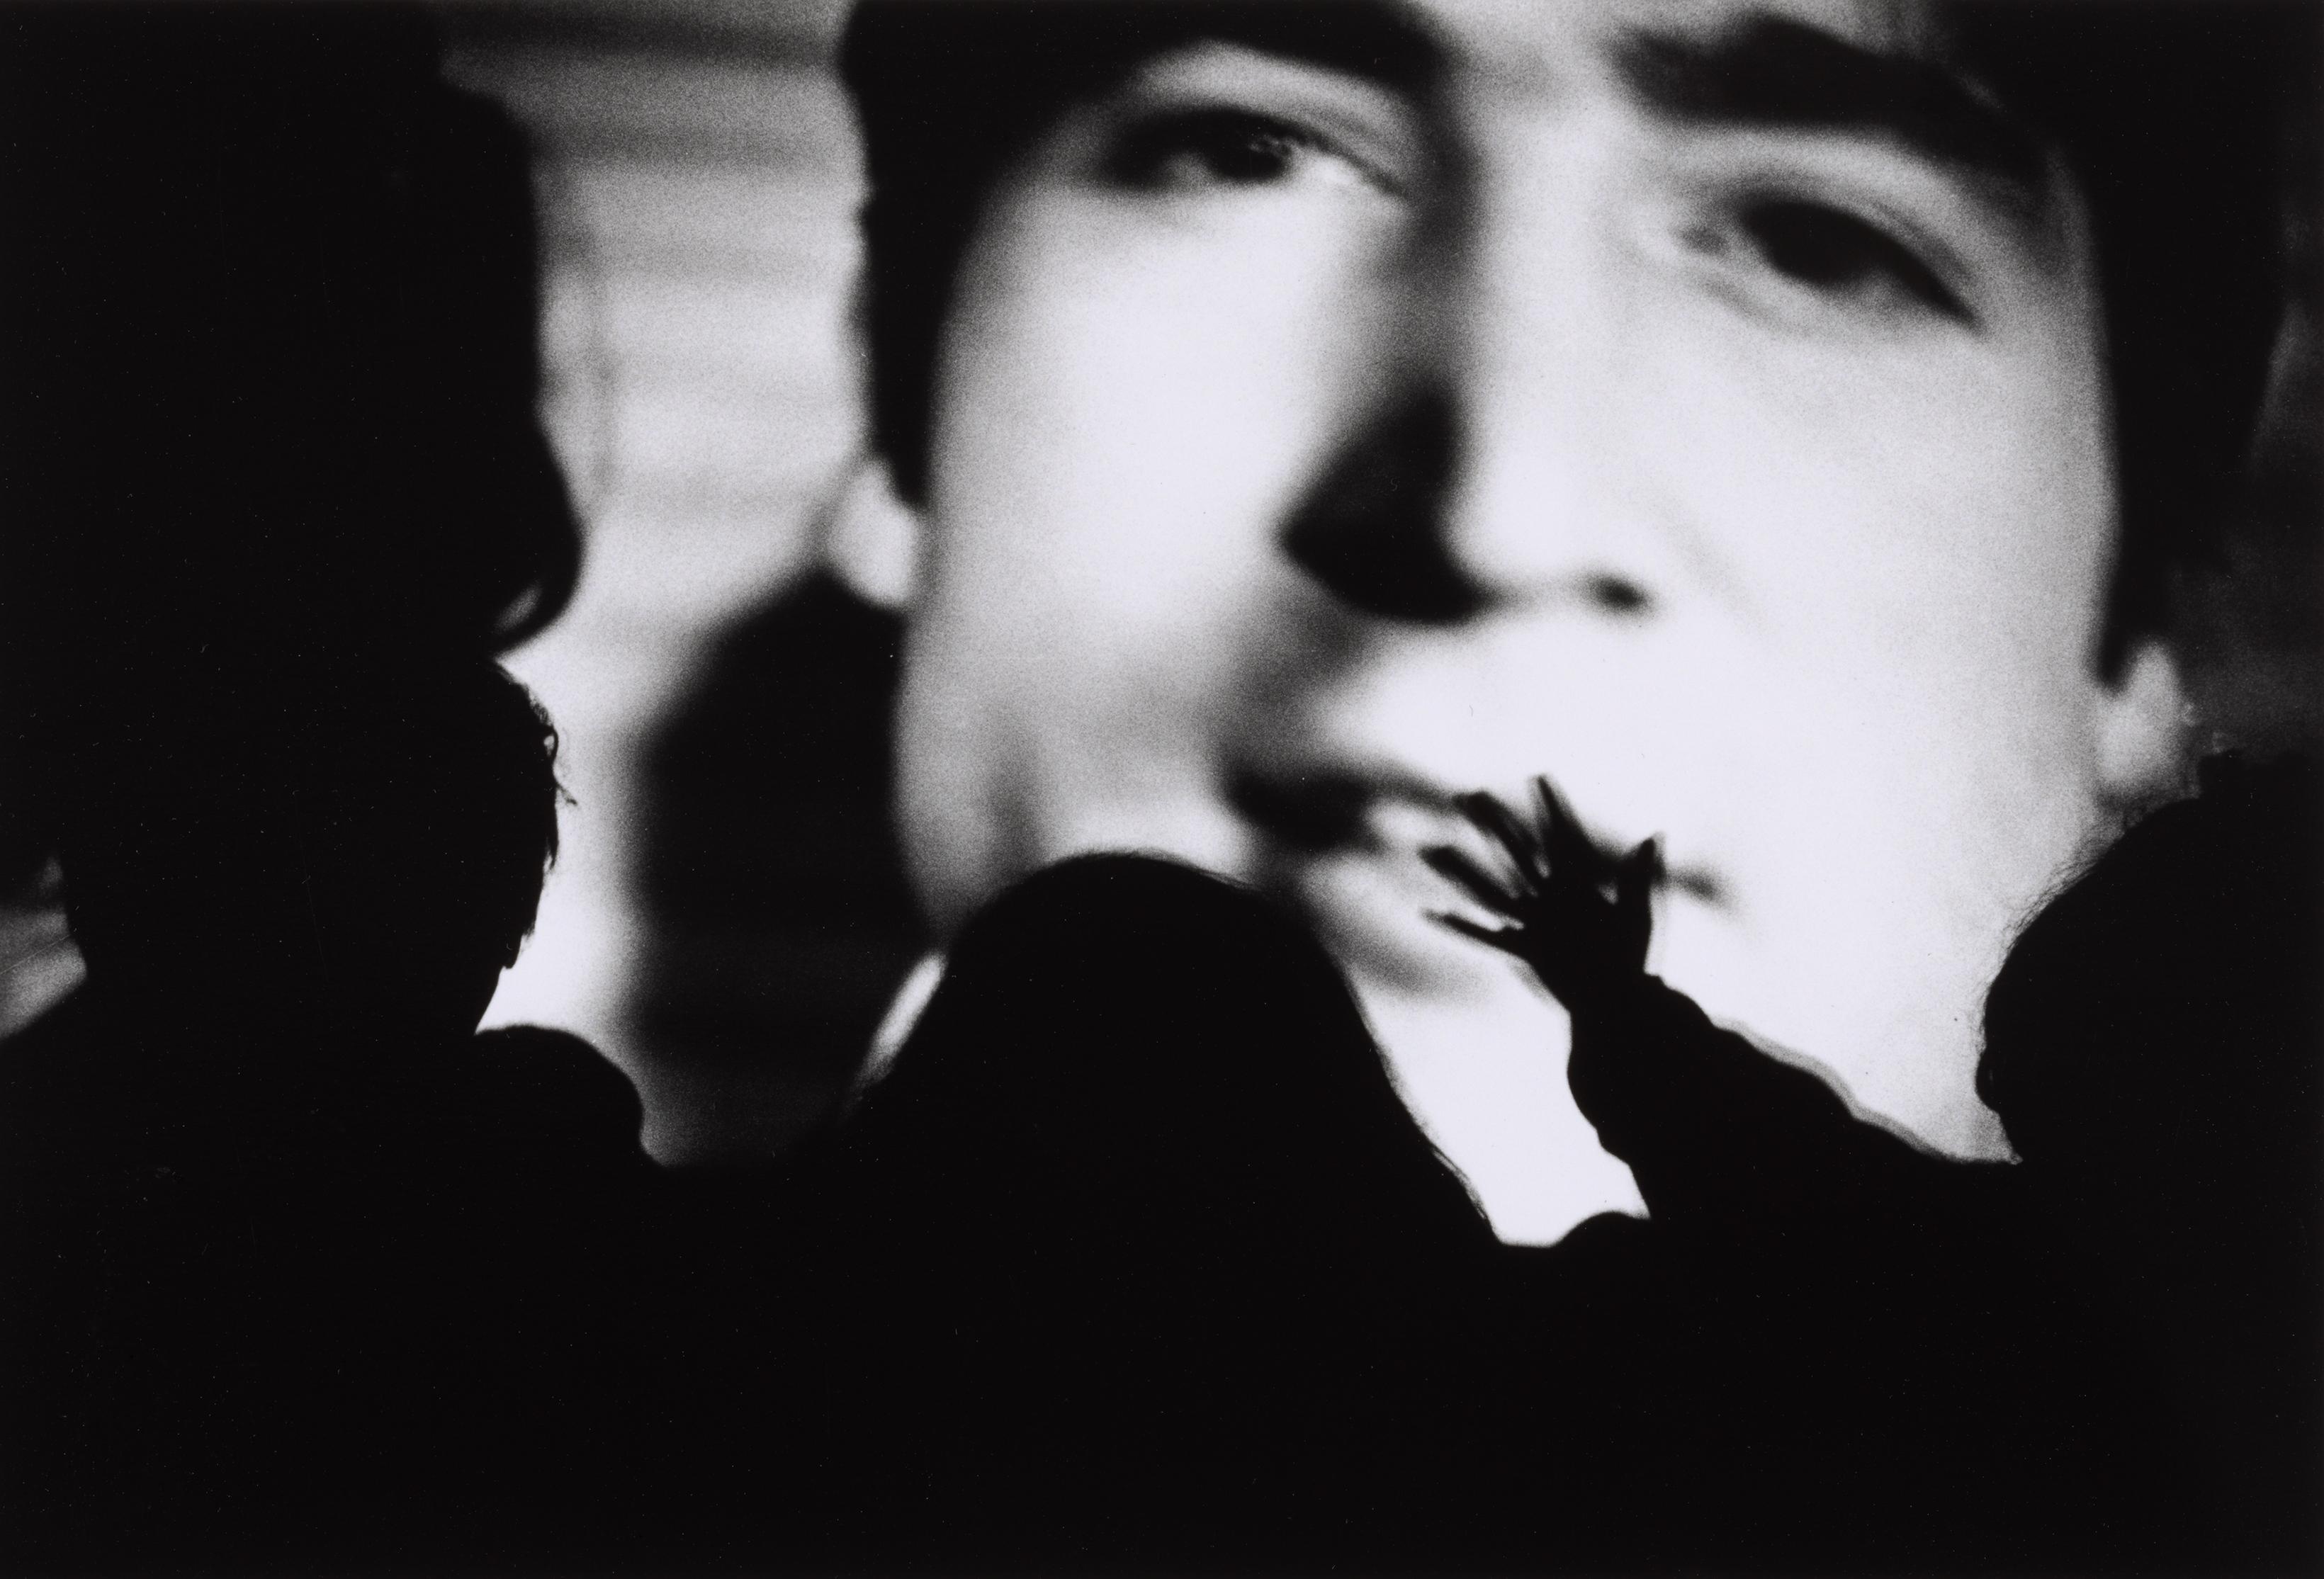 Yutaka Takanashi The Beatles, aus der Serie Tokyoites, 1965 Albertina, Wien © Takanashi Yutaka